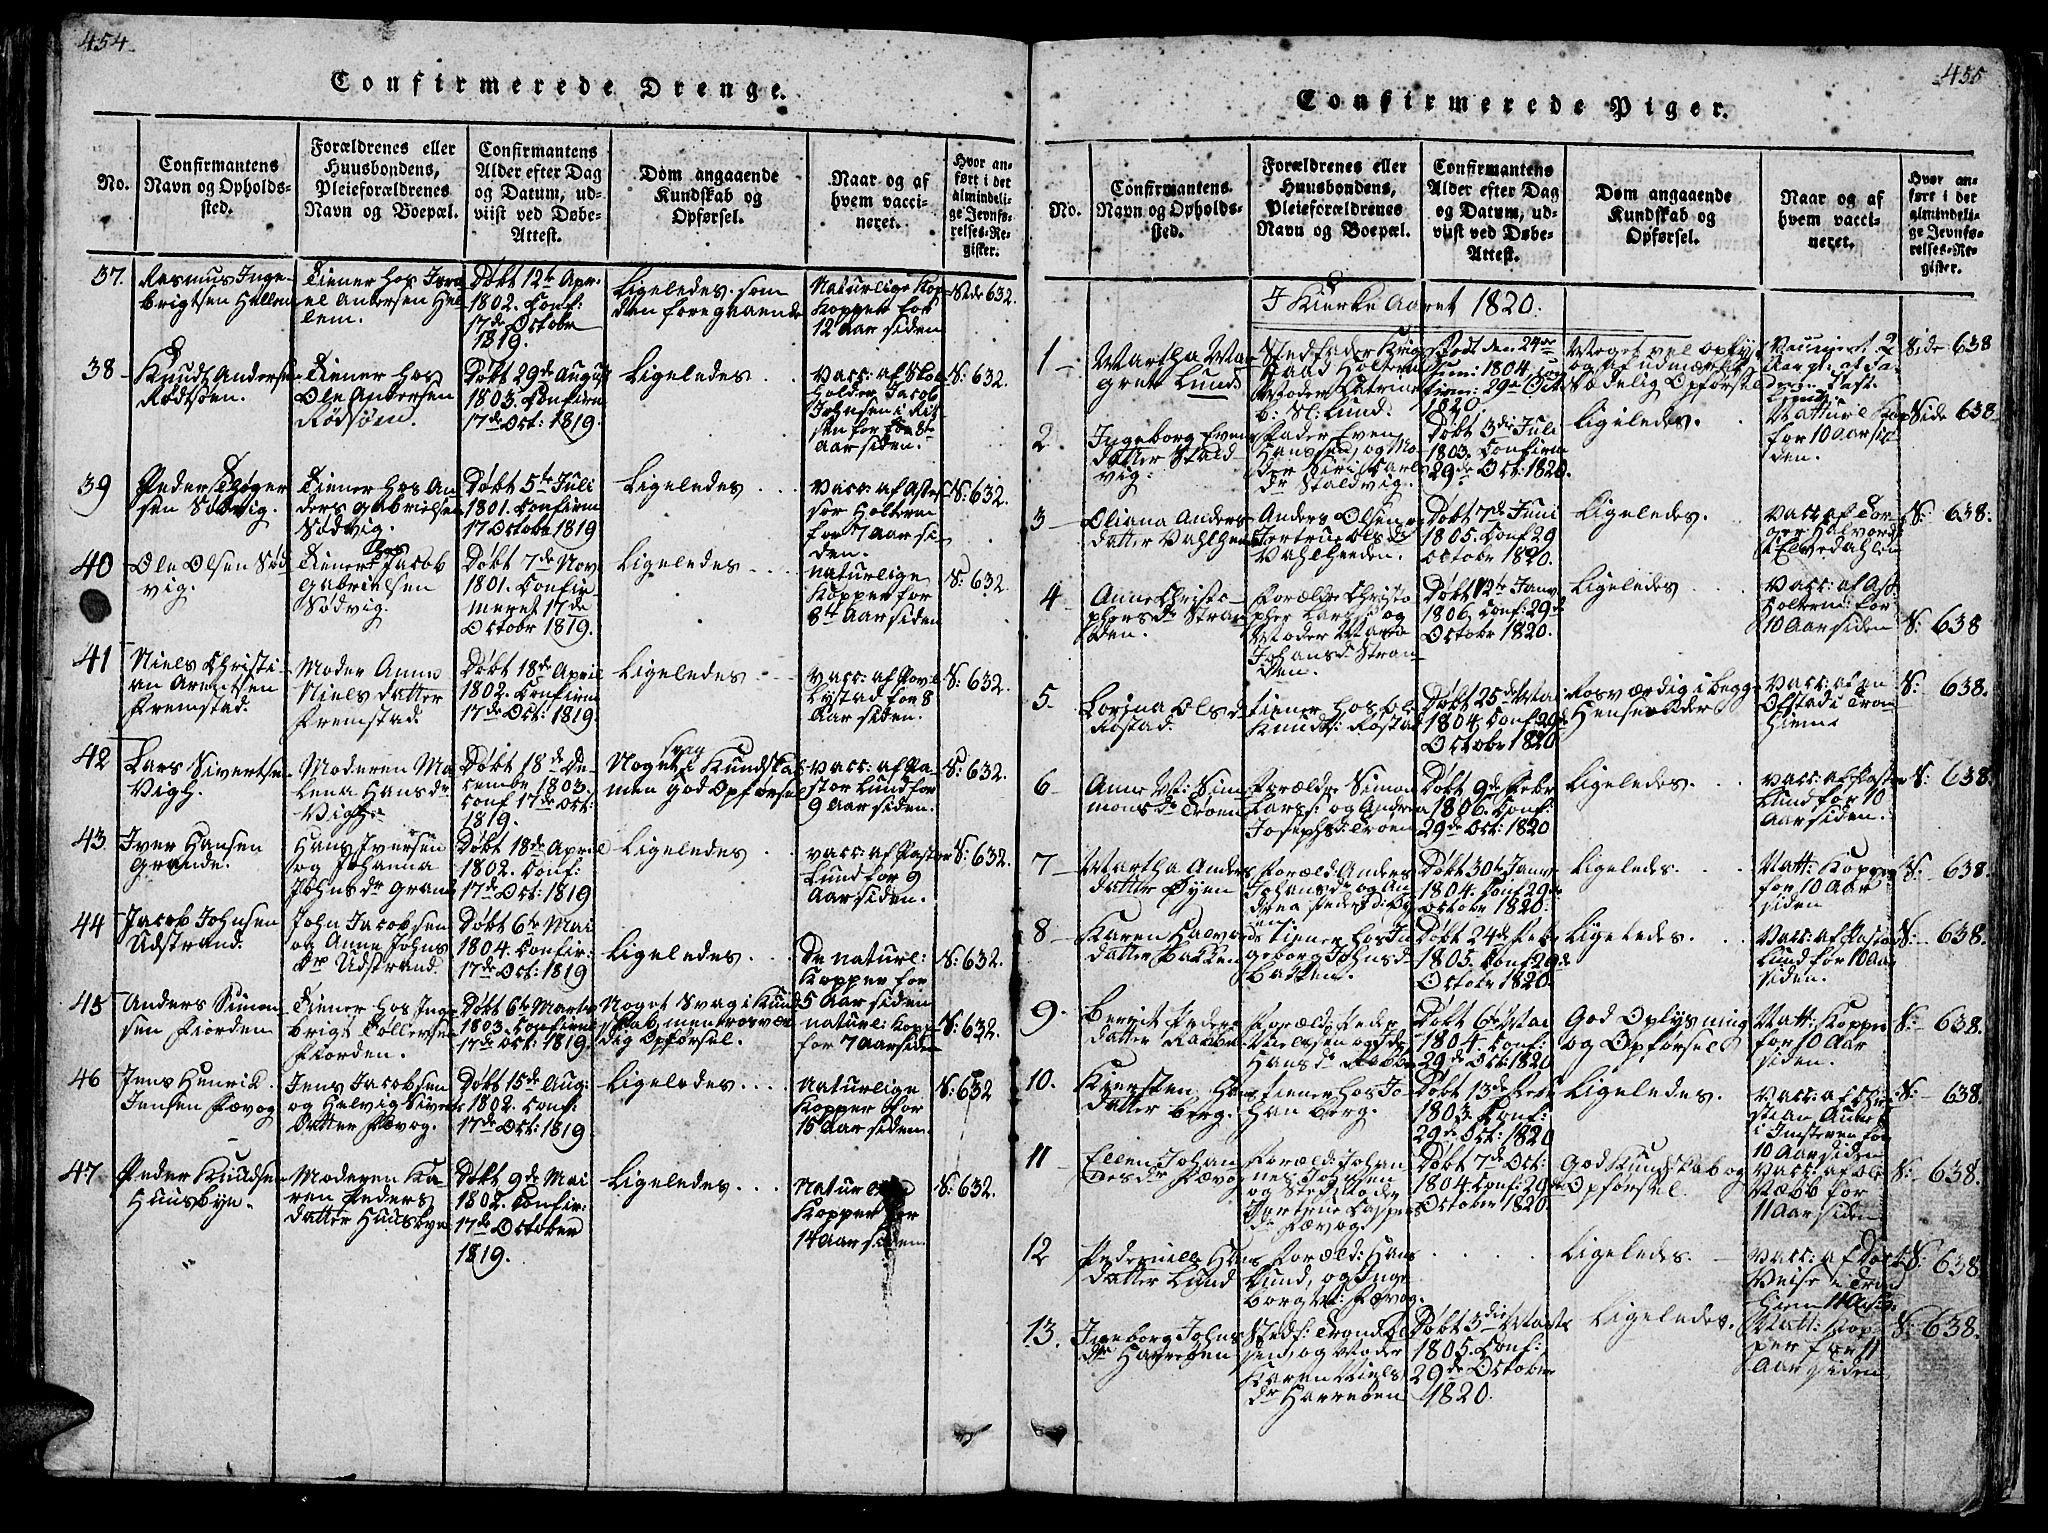 SAT, Ministerialprotokoller, klokkerbøker og fødselsregistre - Sør-Trøndelag, 659/L0744: Klokkerbok nr. 659C01, 1818-1825, s. 454-455